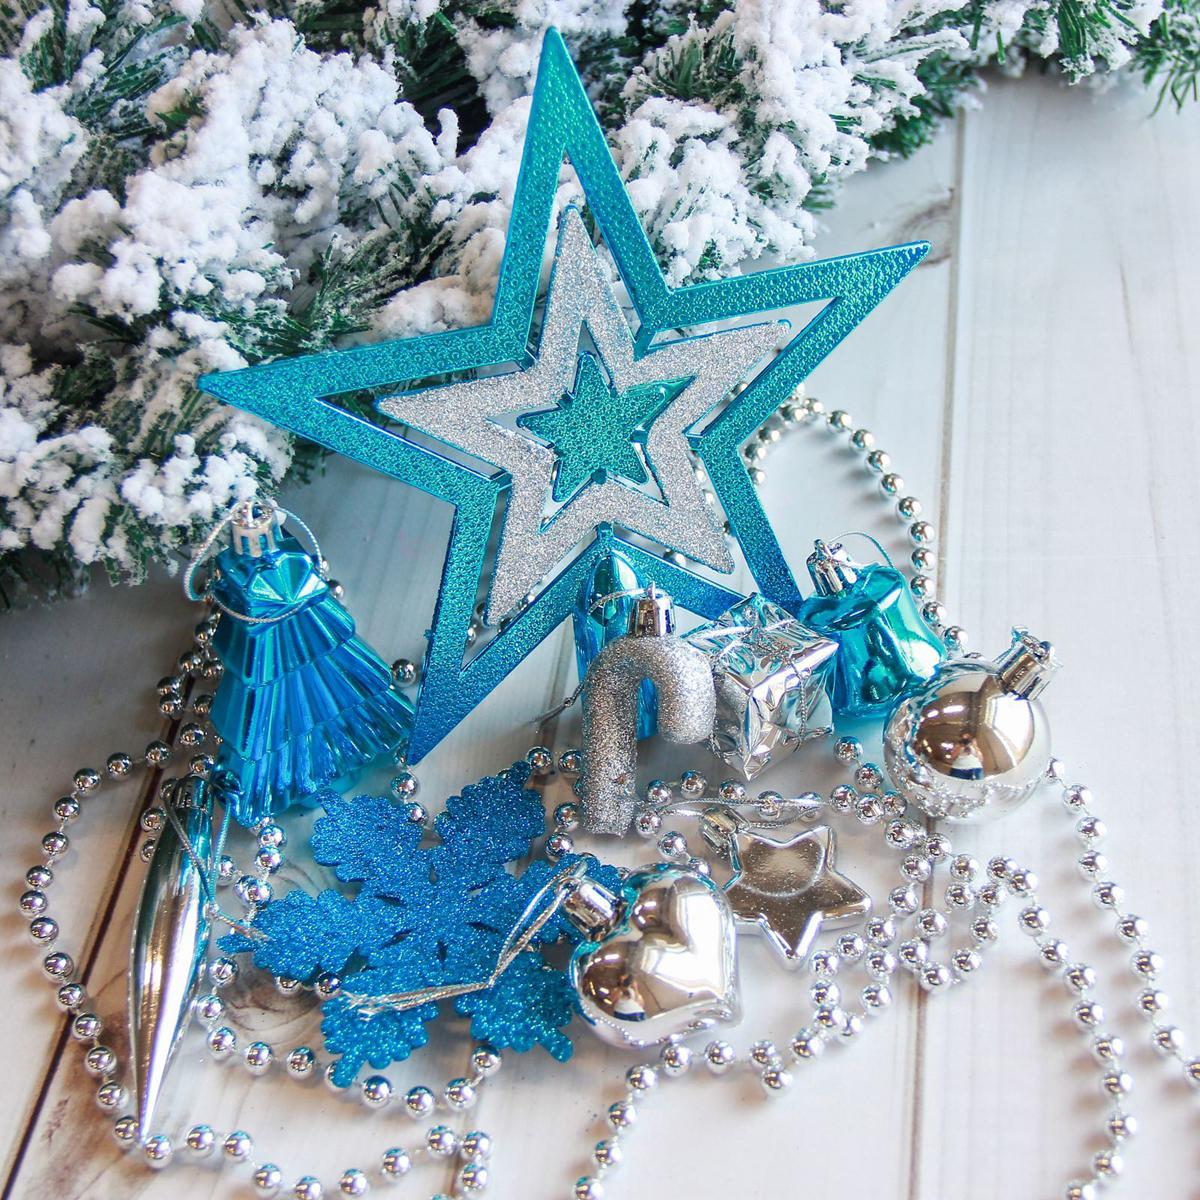 """Новогодние украшения """"Sima-land"""" изготовлены из пластика. Изделия имеют плотный корпус, поэтому не разобьются при падении.Невозможно представить нашу жизнь без праздников! Новогодние украшения несут в себе волшебство и красоту праздника. Создайте в своем доме атмосферу тепла, веселья и радости, украшая его всей семьей.В наборе 27 штук."""